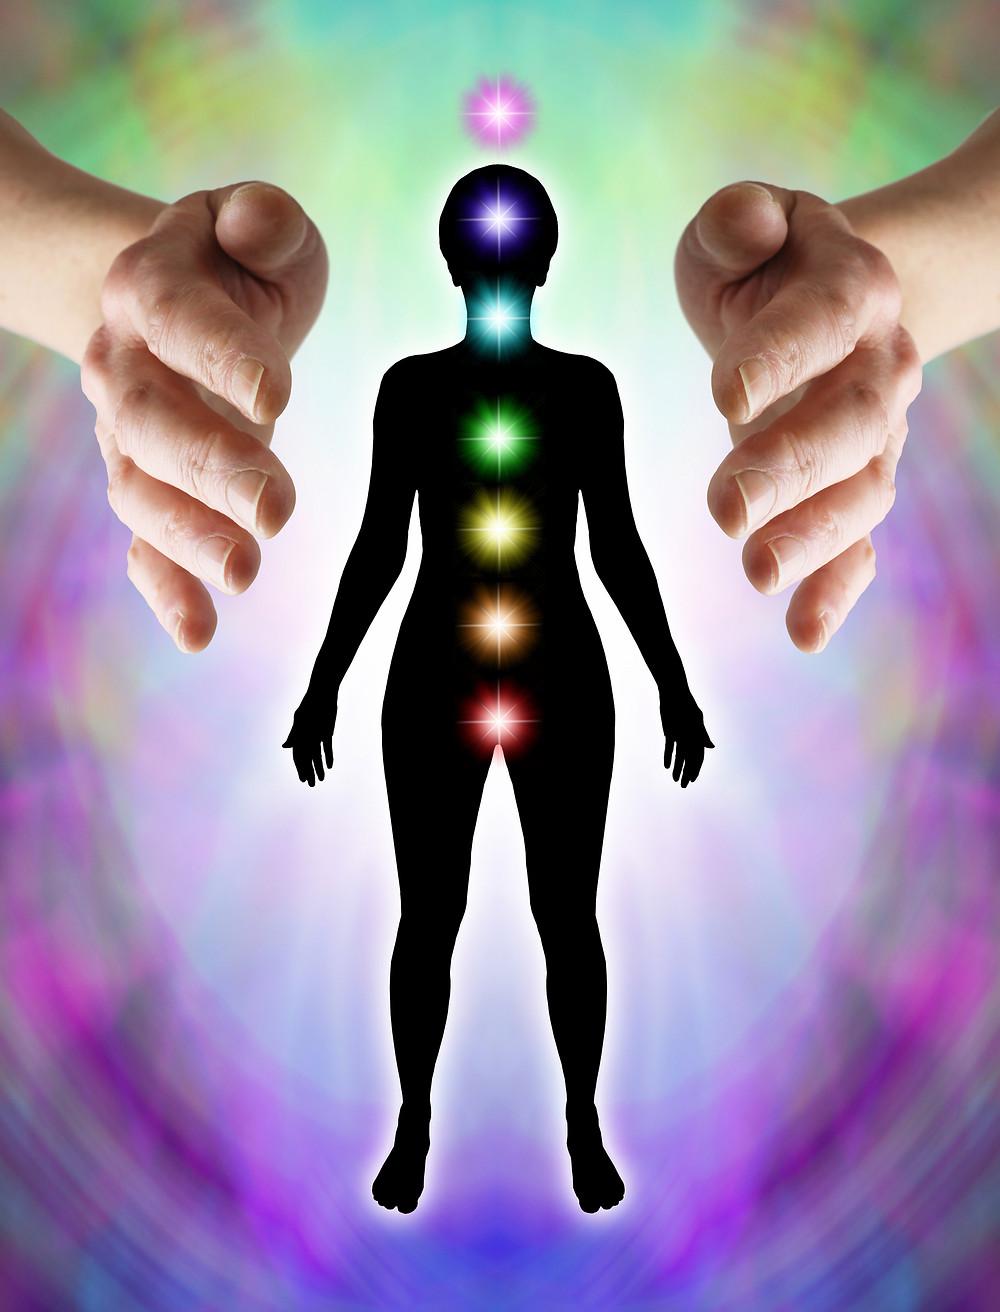 Духовное целительство дает возможность исцеление Души и тела, а также дает гарантии стабильного состояния здоровья.